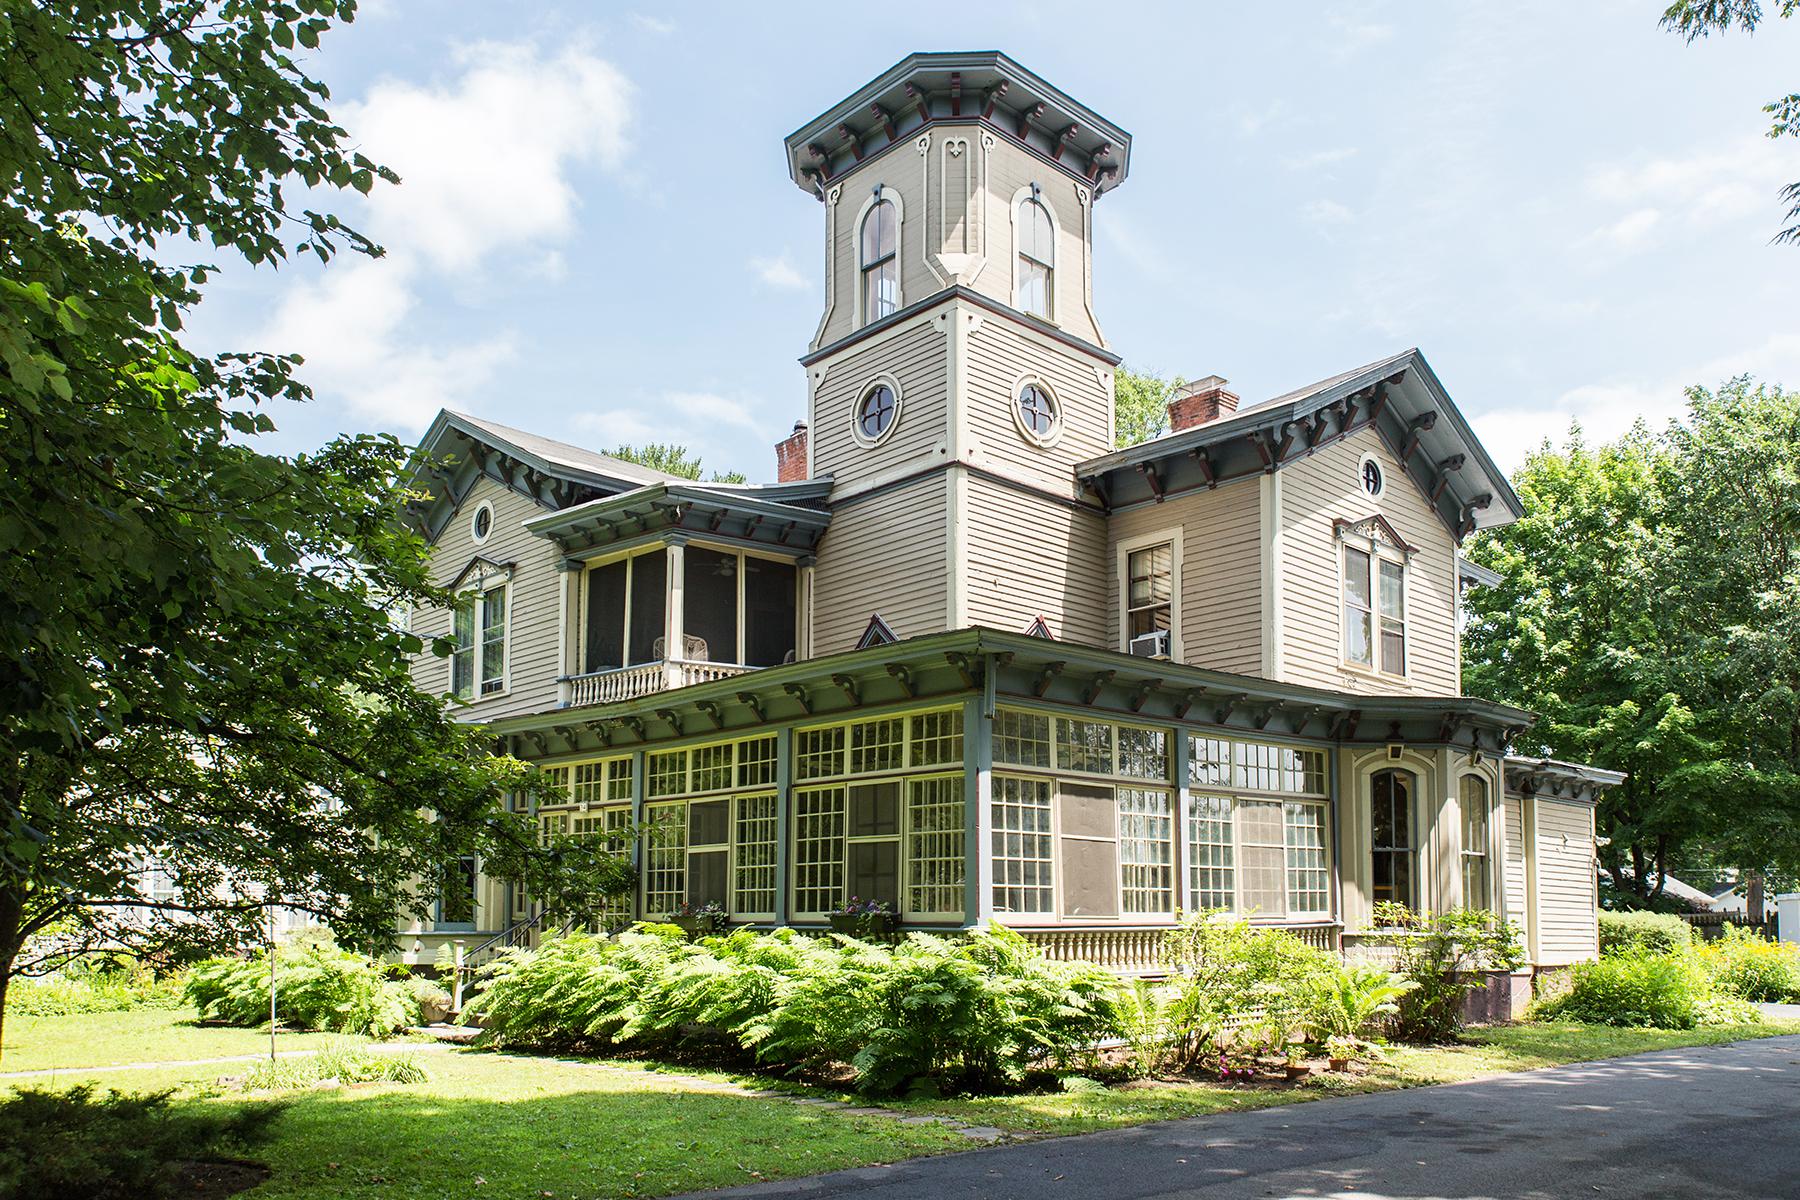 Mehrfamilienhaus für Verkauf beim Historic Italiante overlooking Congress Park 34 Circular St Saratoga Springs, New York 12866 Vereinigte Staaten